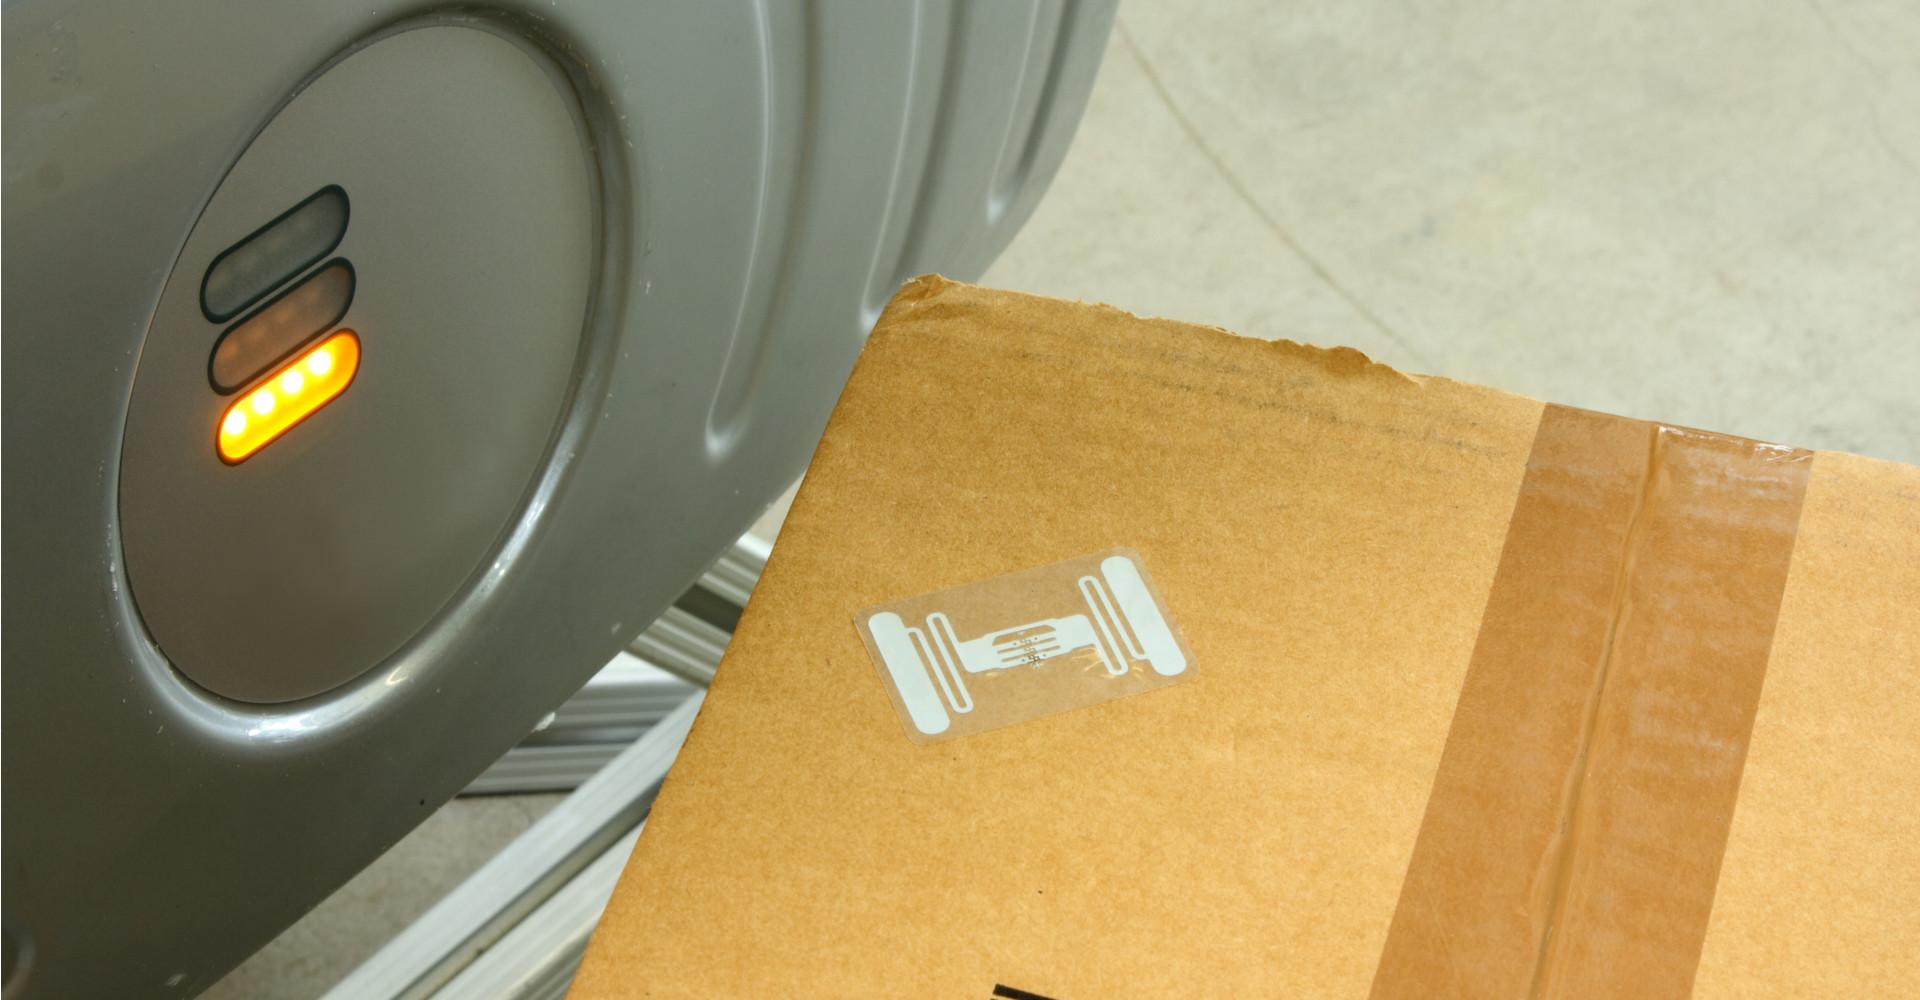 Eine RFID-Etikett klebt auf einem Paket.